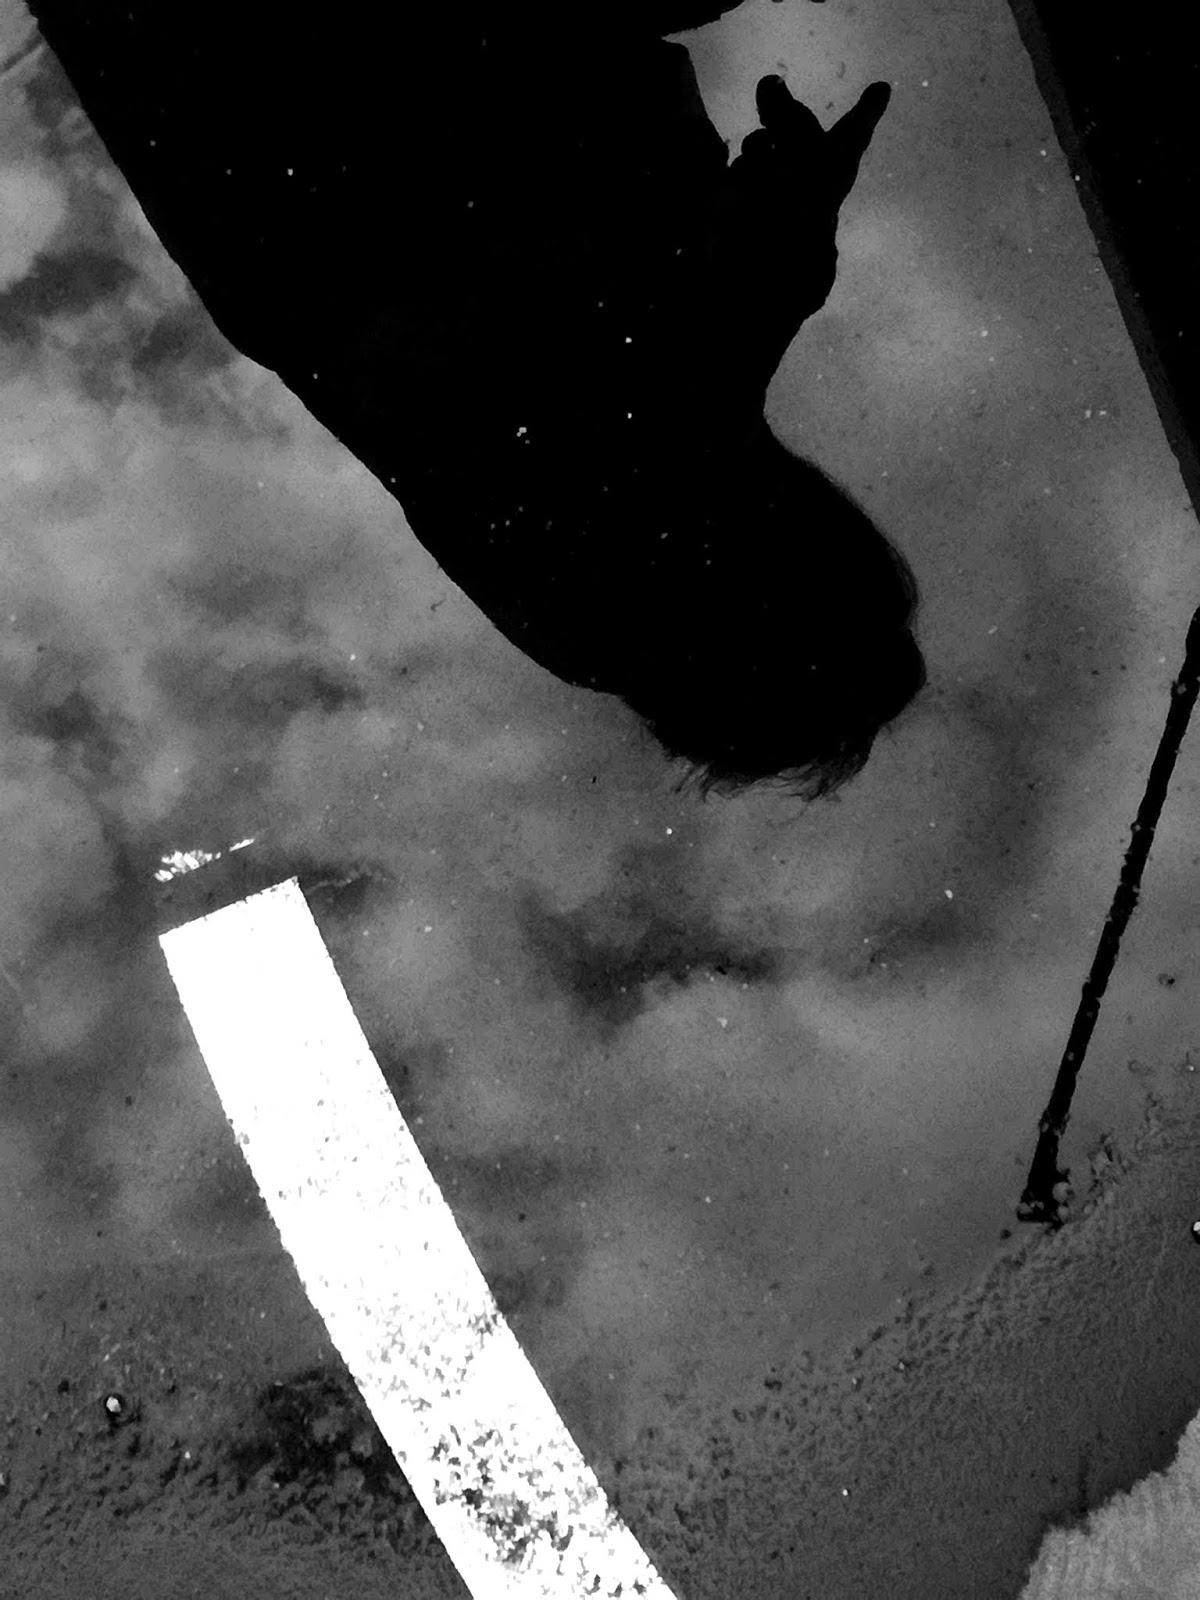 μεγάλο μαύρο στρόφιγγες φωτογραφία